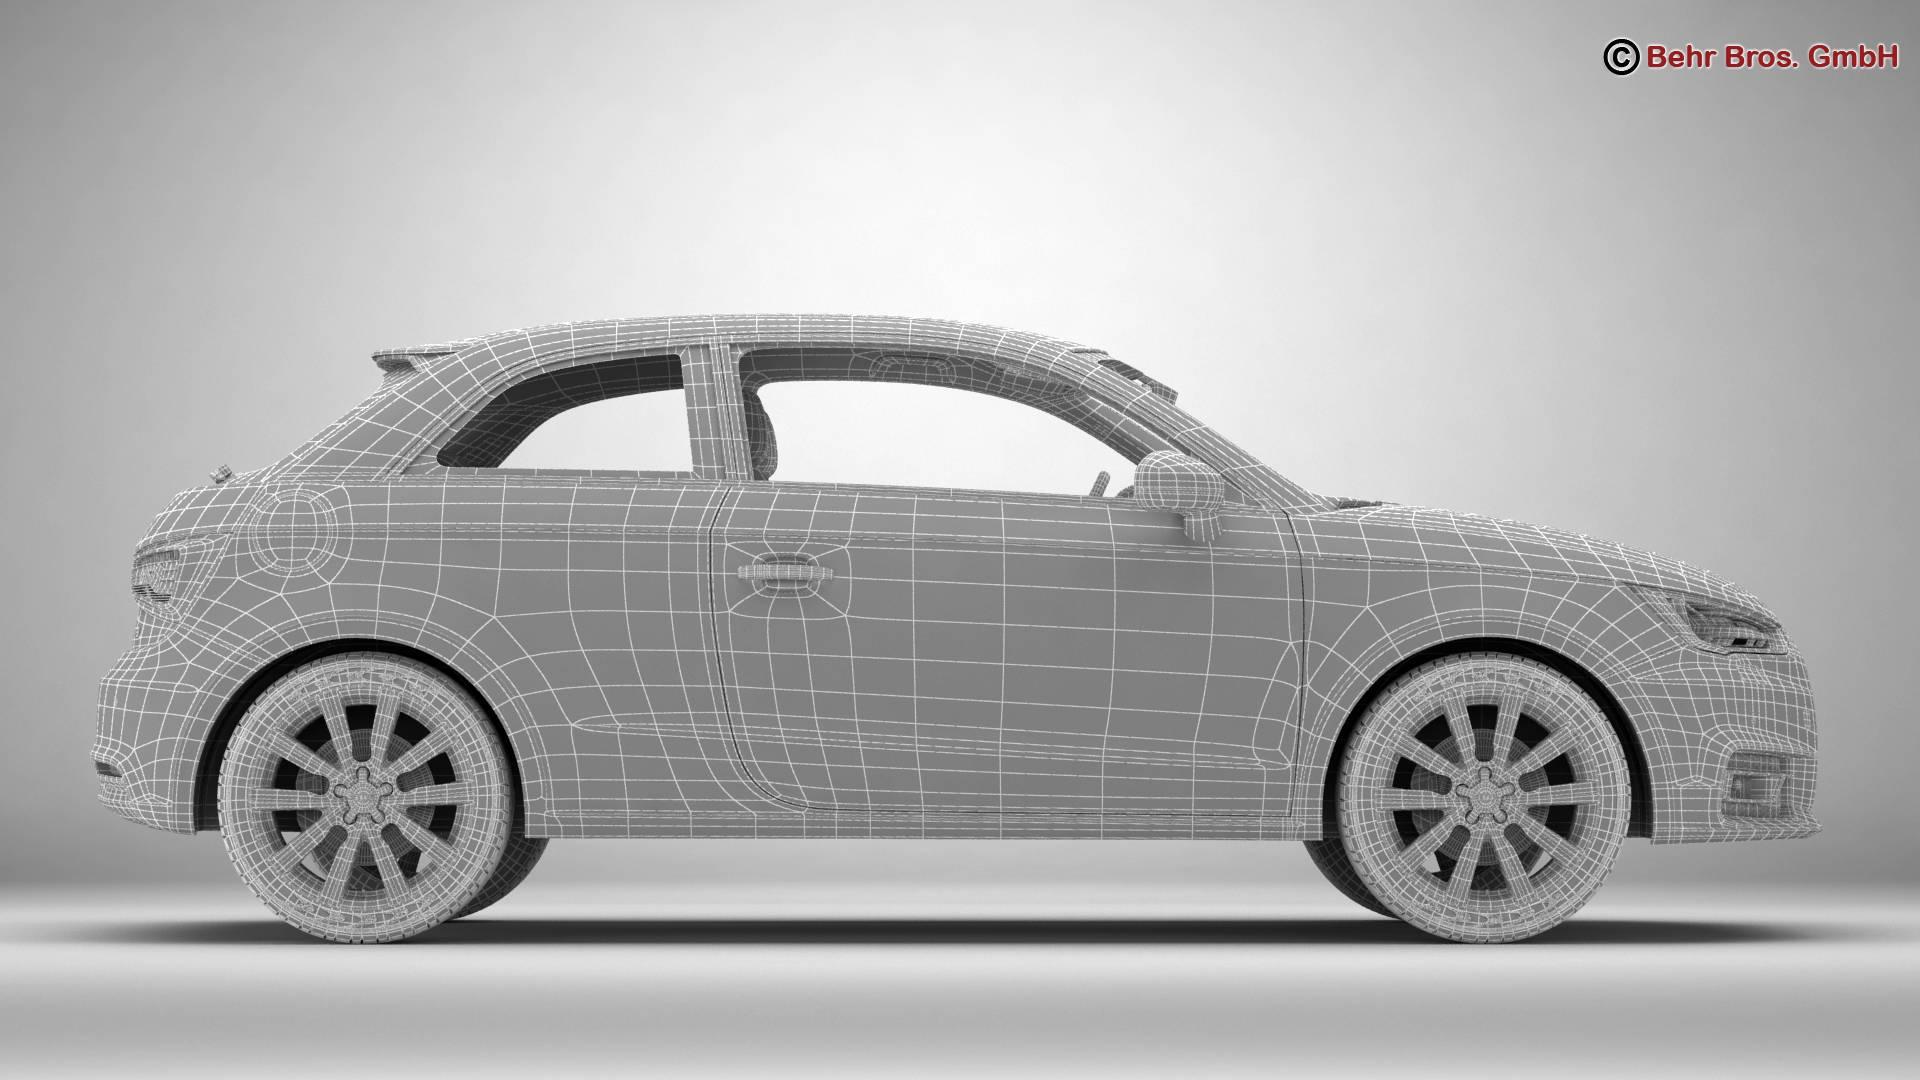 Audi a1 2015 3d model 3ds max fbx c4d am fwy o wybodaeth 214714